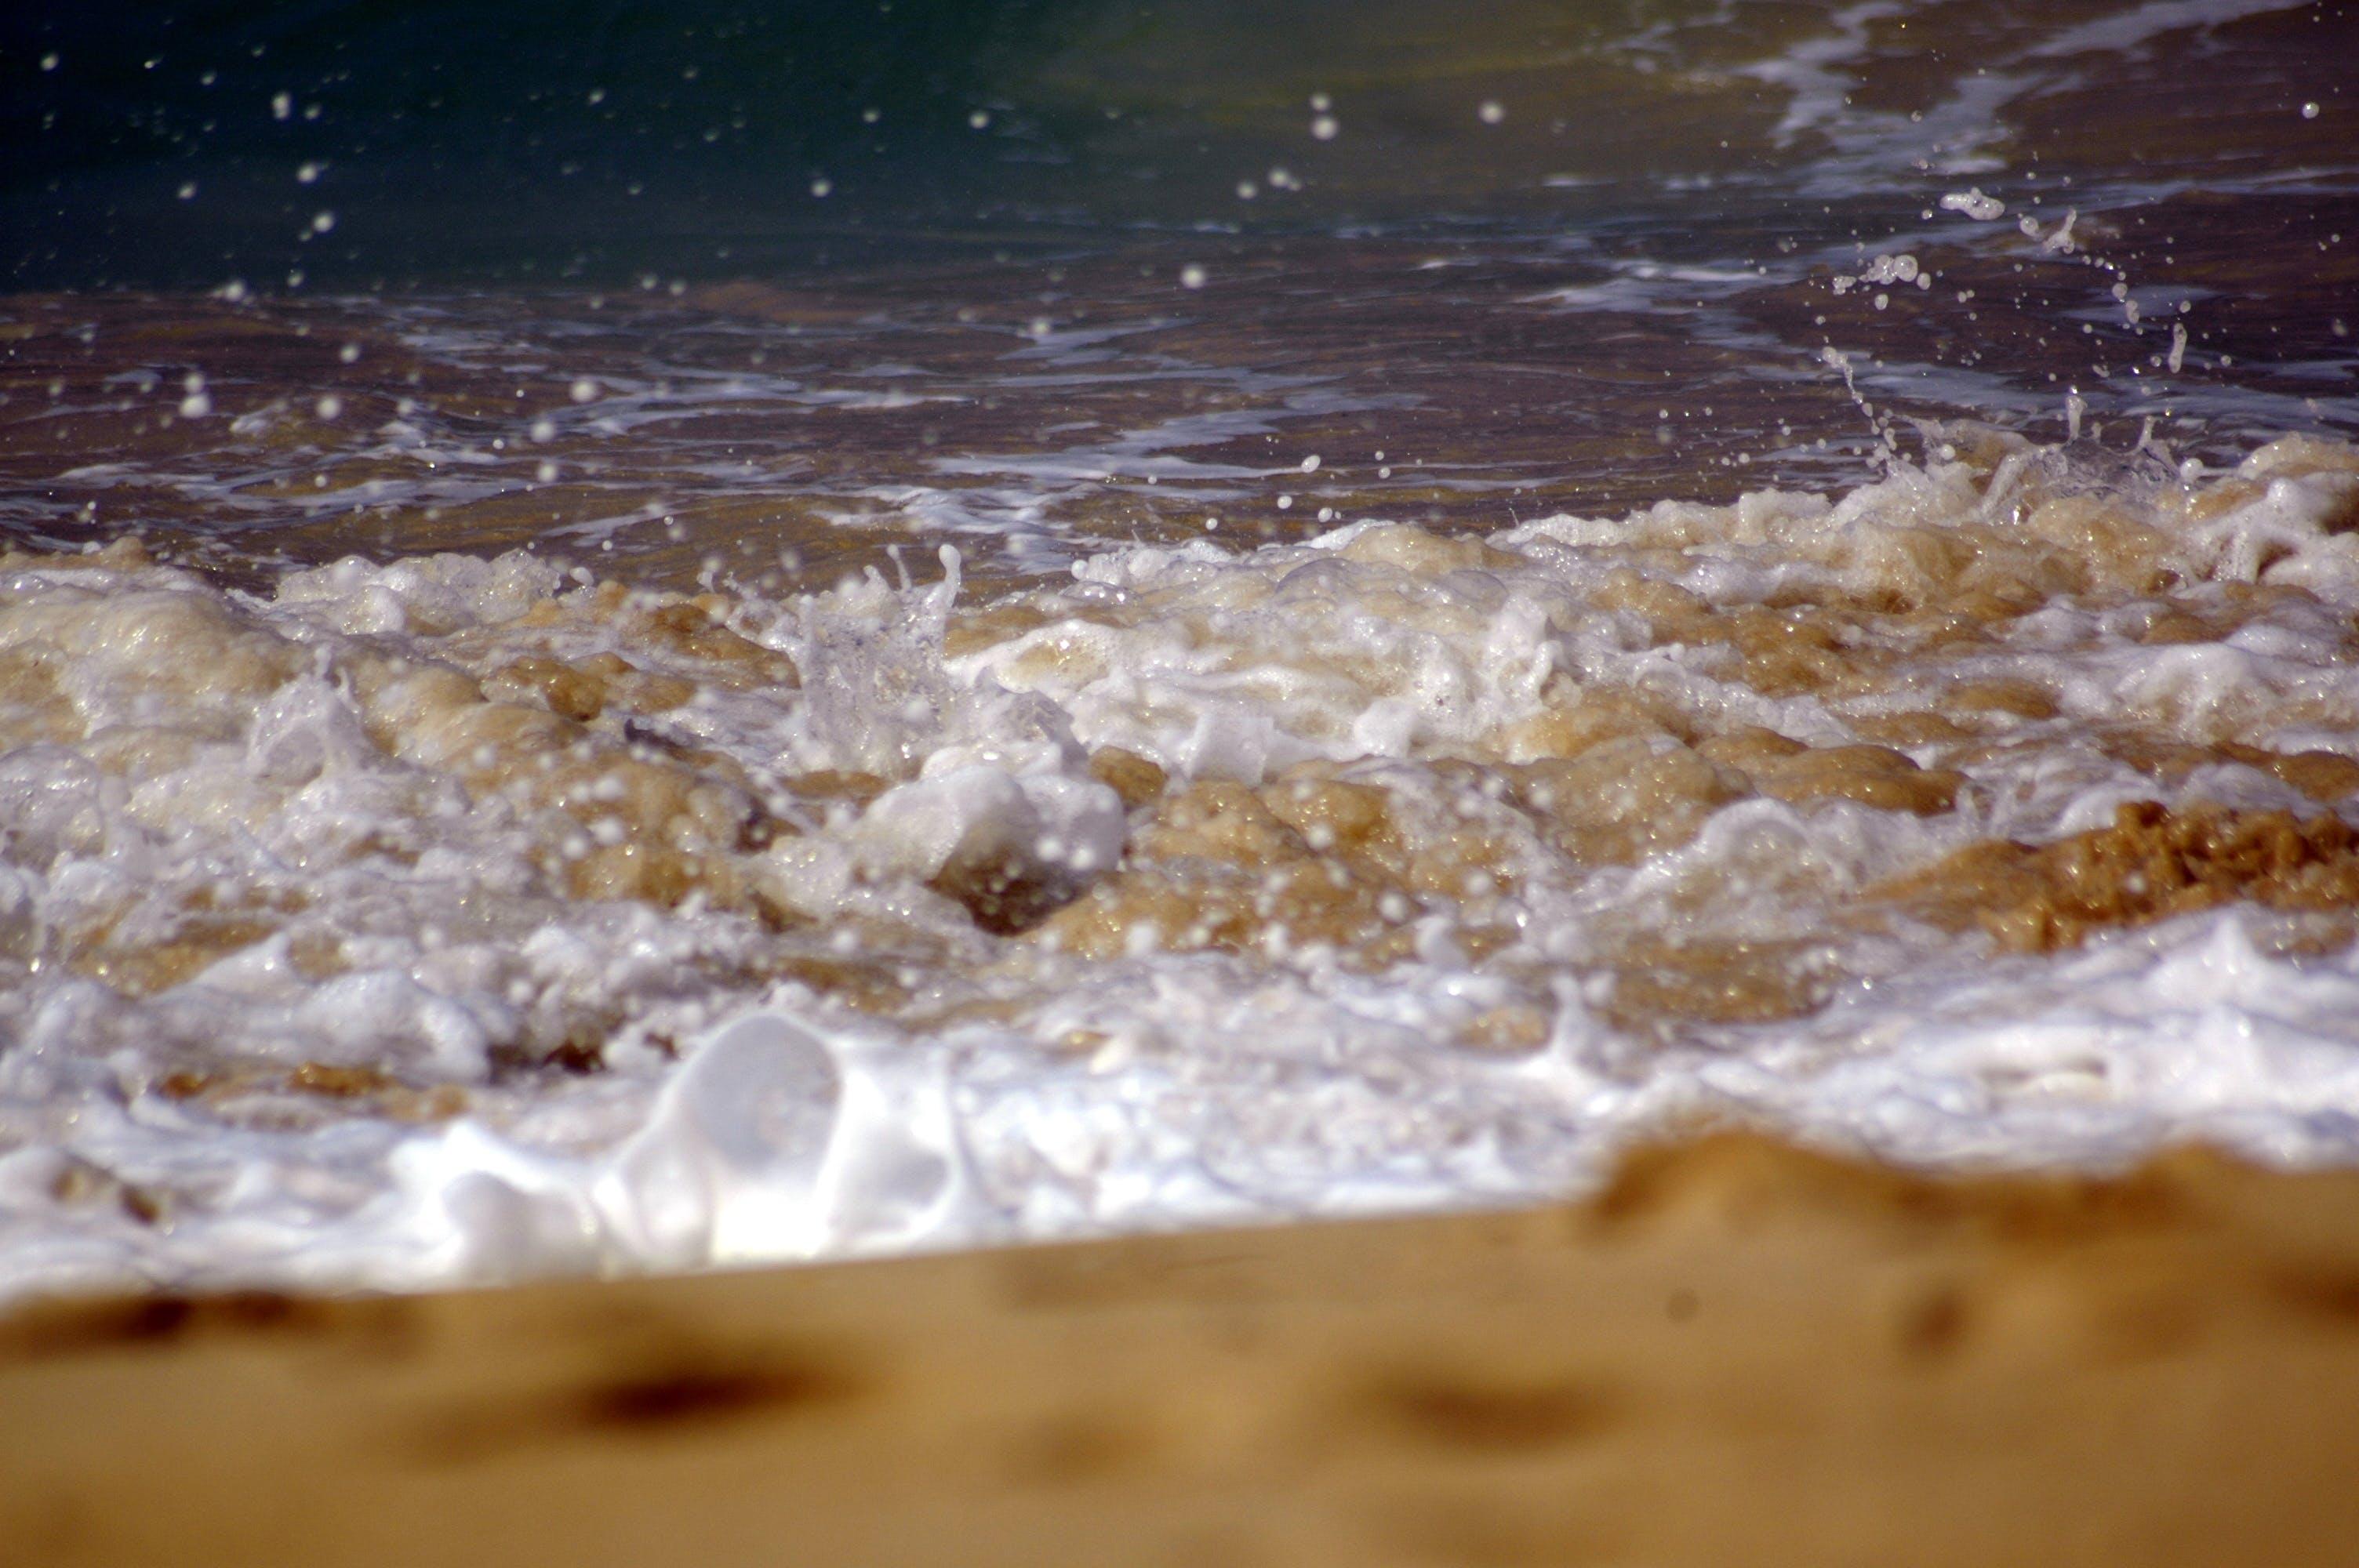 모래, 물, 서핑하다, 해변의 무료 스톡 사진